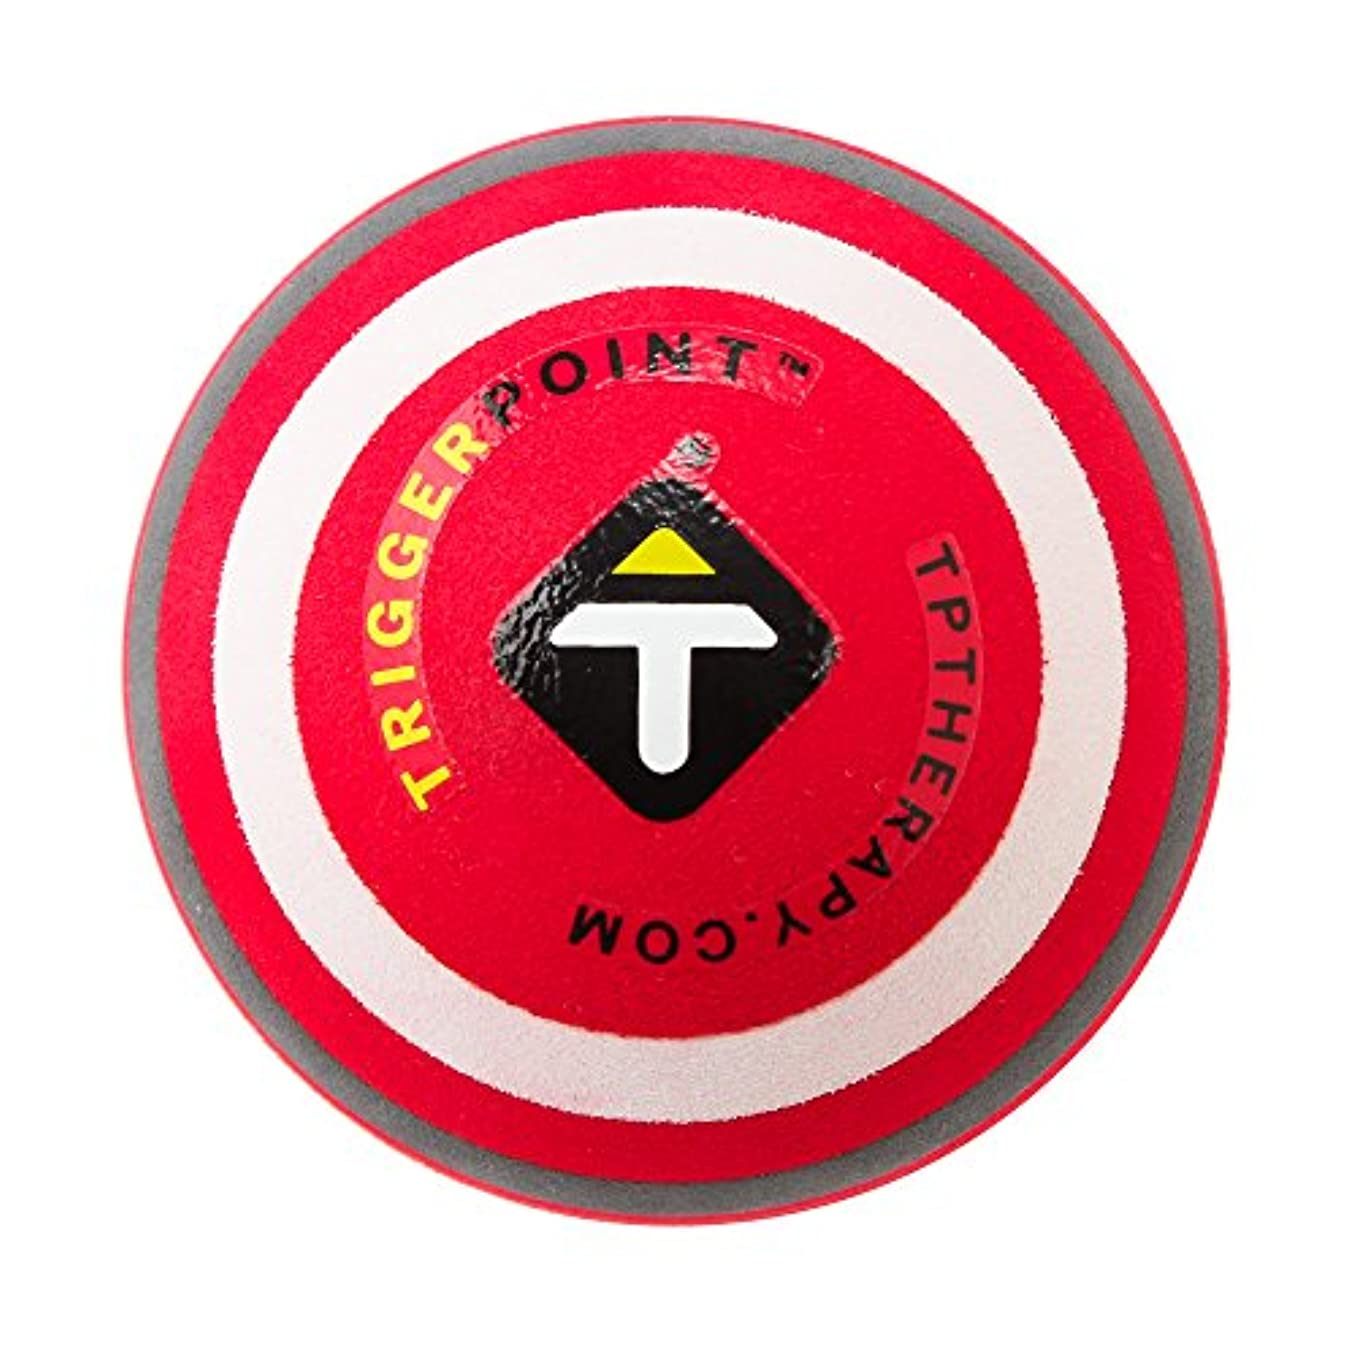 フレームワークショート変なトリガーポイント MBX マッサージボール trigger point [並行輸入品]